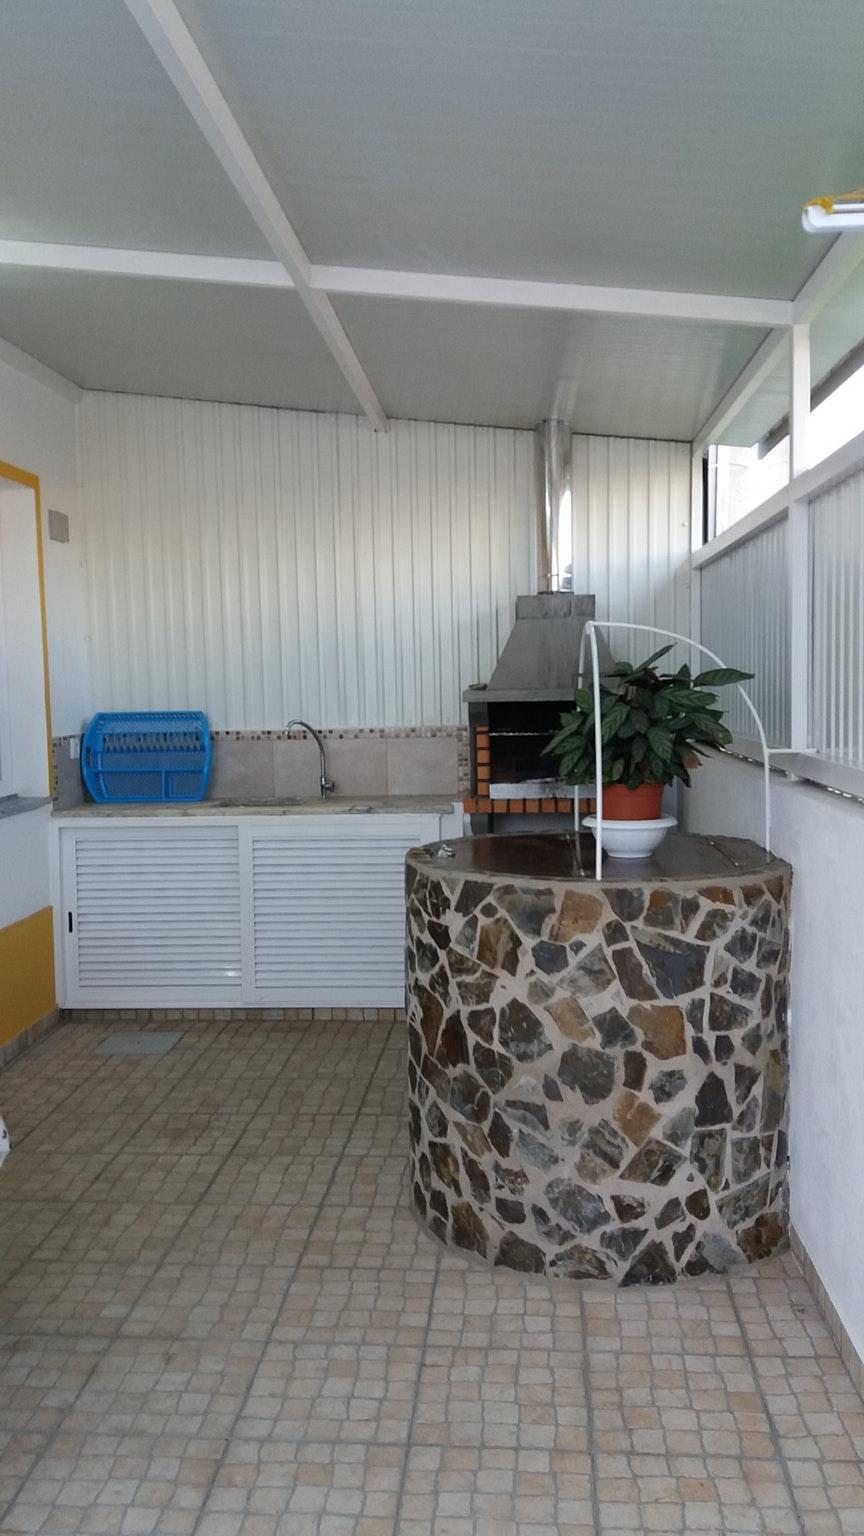 Ferienhaus Haus mit 3 Schlafzimmern in Luz (Luz de Tavira) mit eingezäuntem Garten - 2 km vom Strand  (2426449), Luz, Ria Formosa, Algarve, Portugal, Bild 14